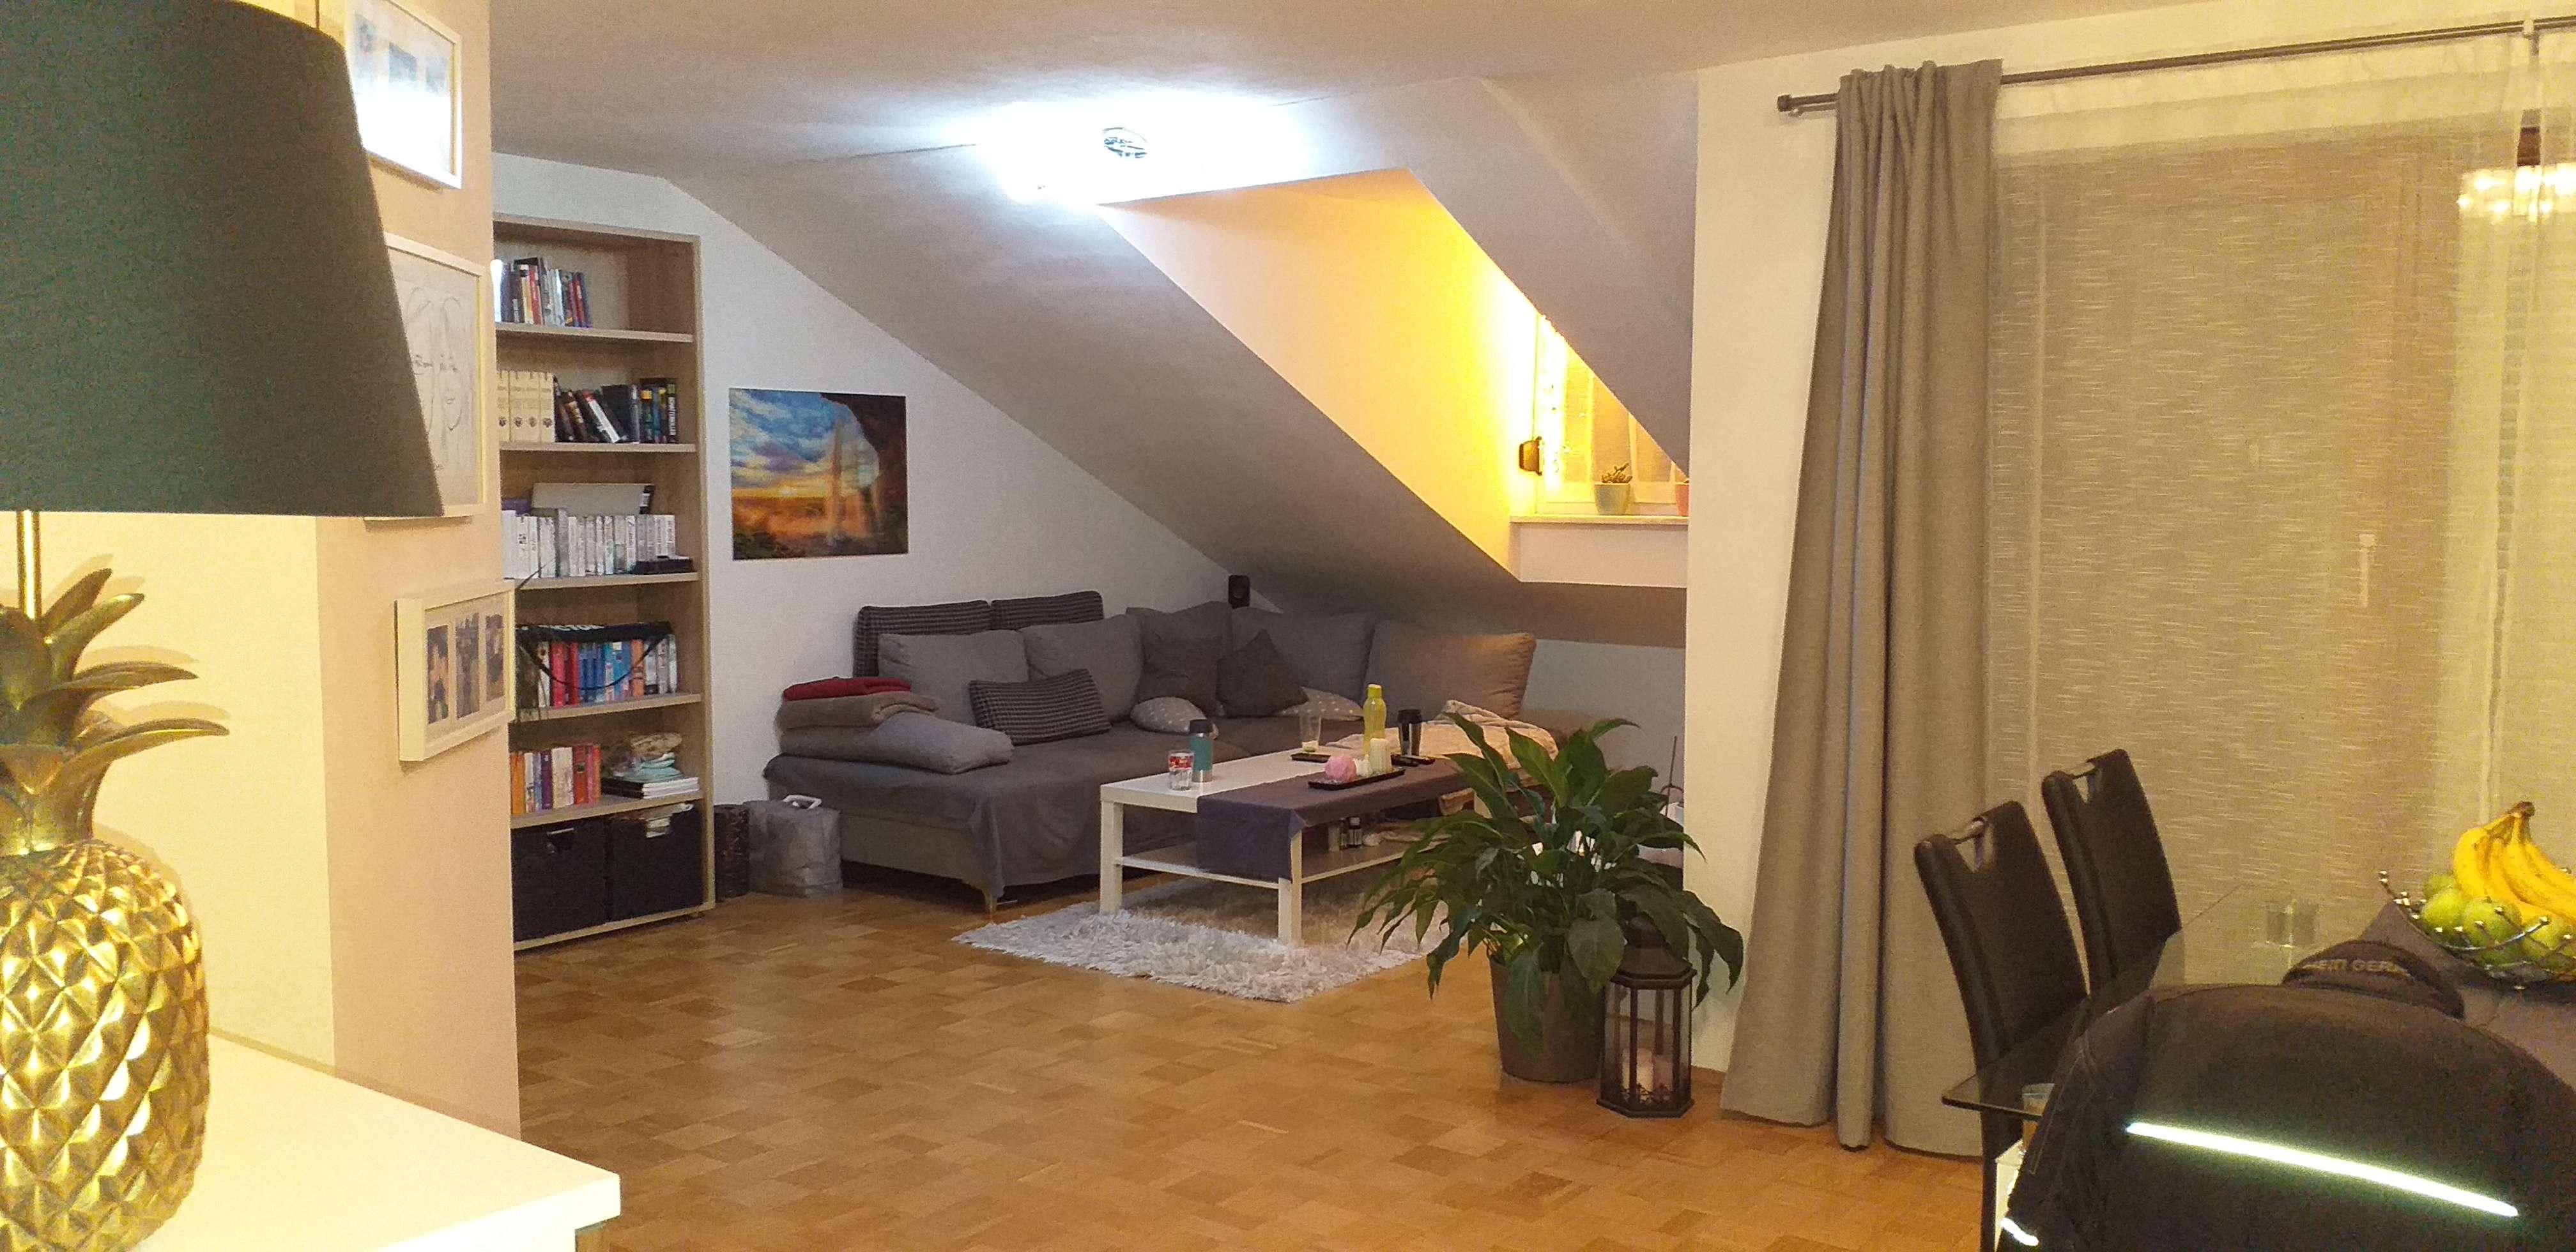 Schöne Dachterr-Wohnung / Germering 5 min S-Bahn, 2 Zi, EBK, Parkett, Dachterr. in